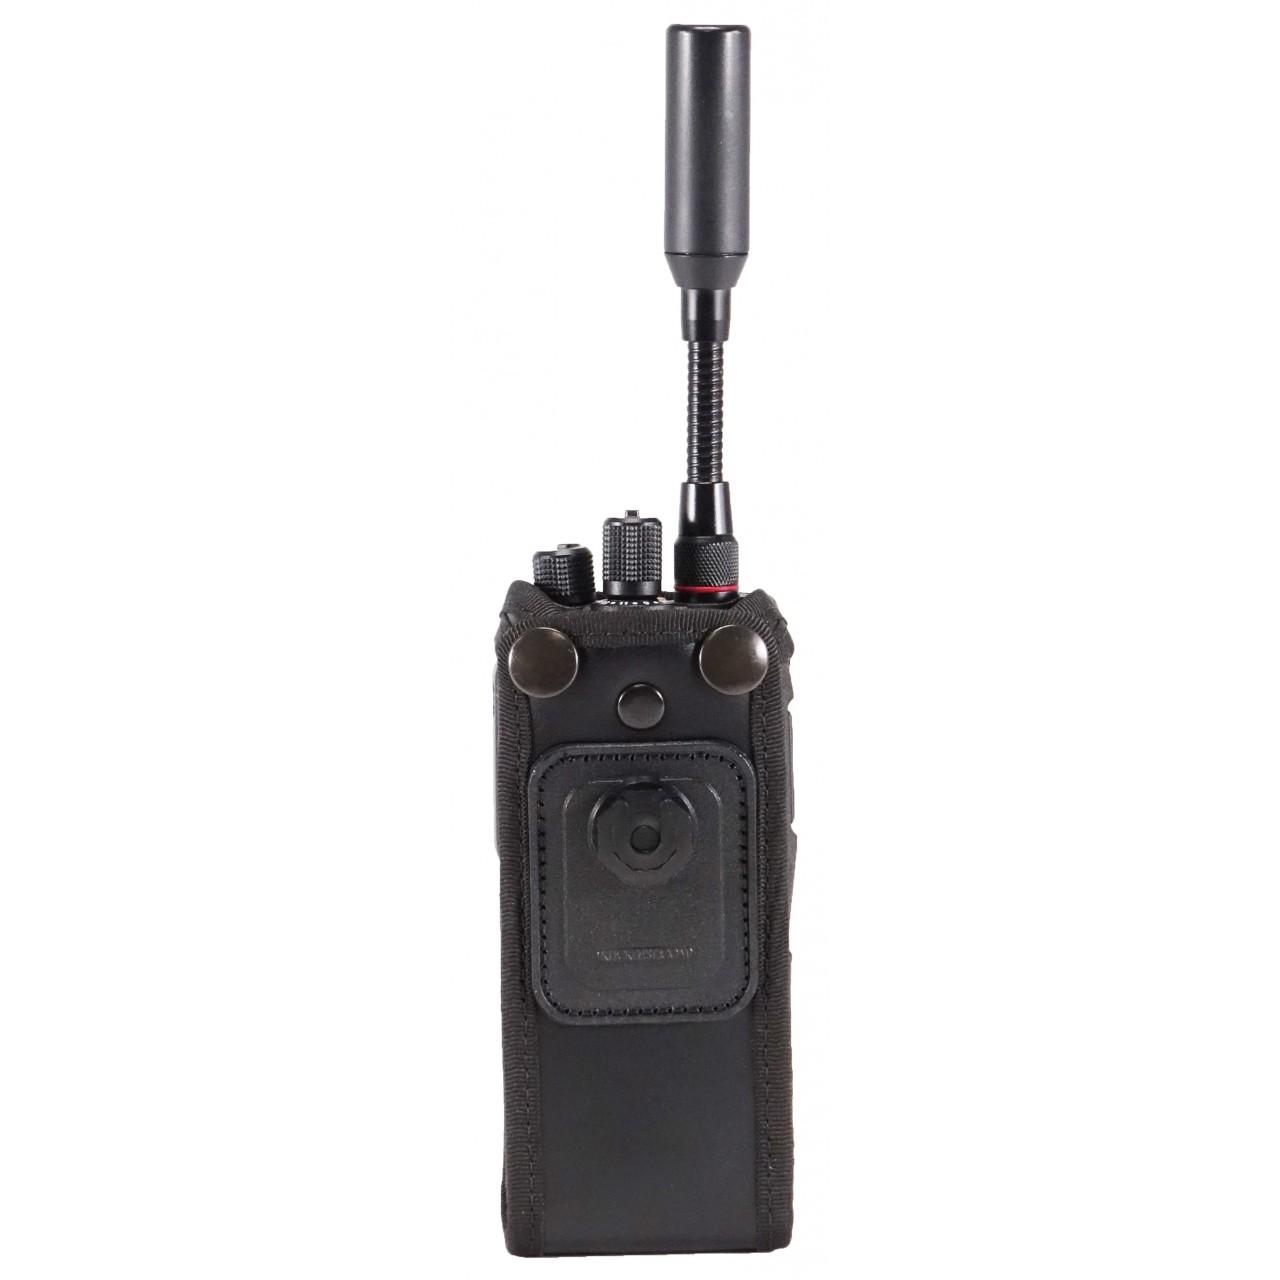 Housse en cuir pour portatif satellite, (nécessite un accessoire de portage). Vue arrière avec portatif.